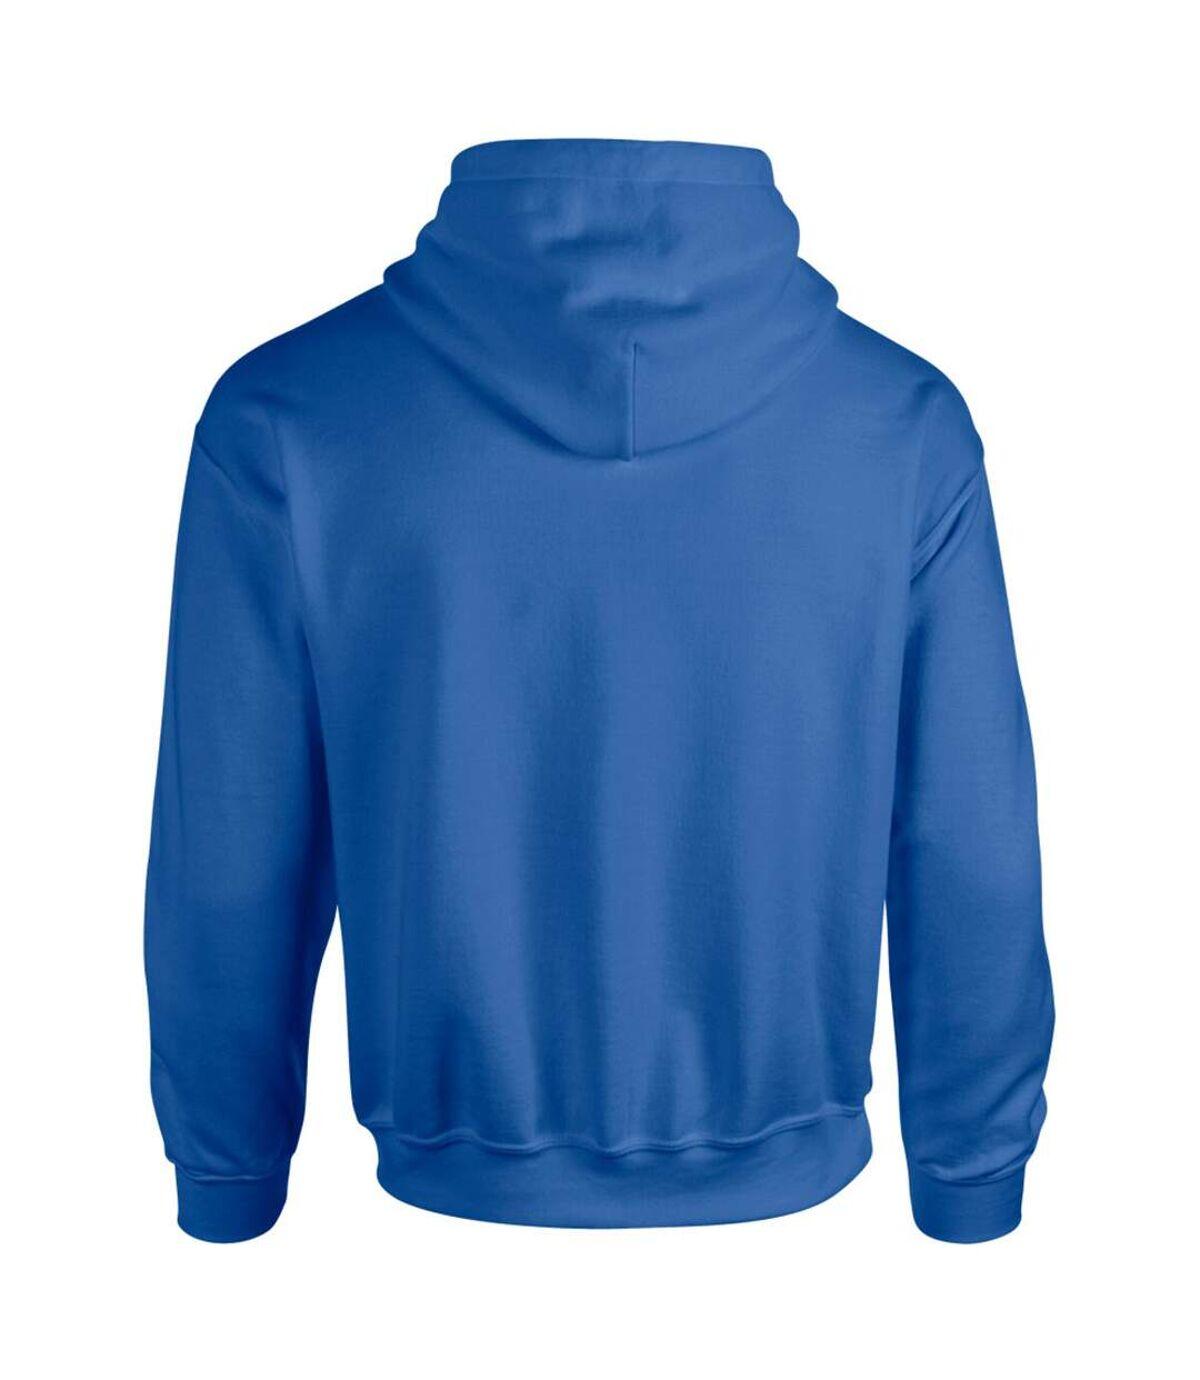 Gildan - Sweatshirt à capuche - Unisexe (Bleu indigo) - UTBC468